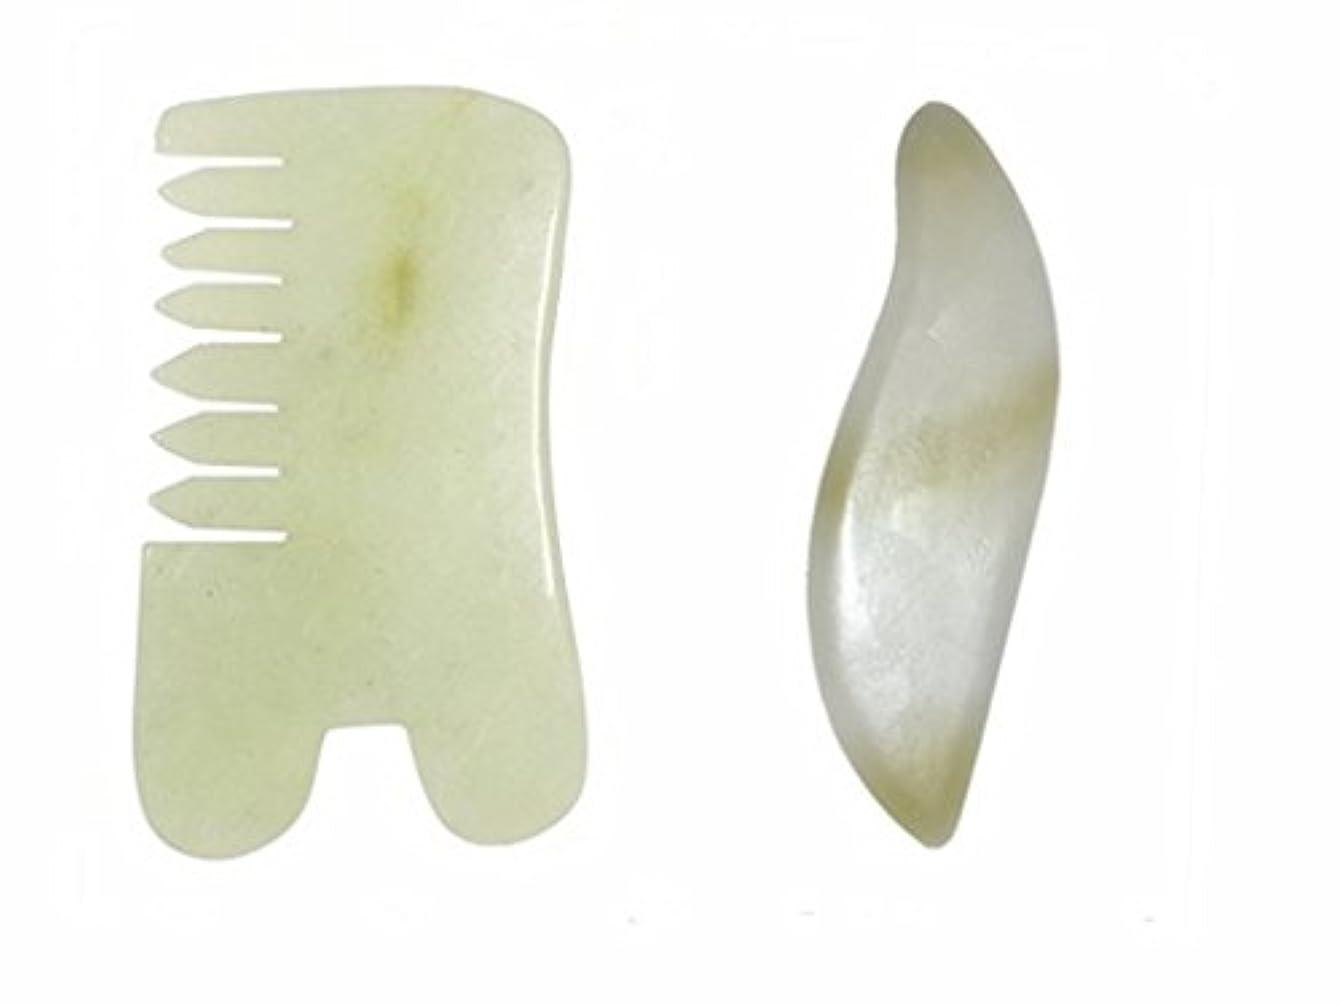 接続セイはさておき鳩Echo & Kern 二点セットかっさ板、翡翠(ジェイド)美顔 天然石かっさプレート、 櫛、マッサージプレート(2PCS) Natural Jade Gemstone Healing Stone Scraper Board...